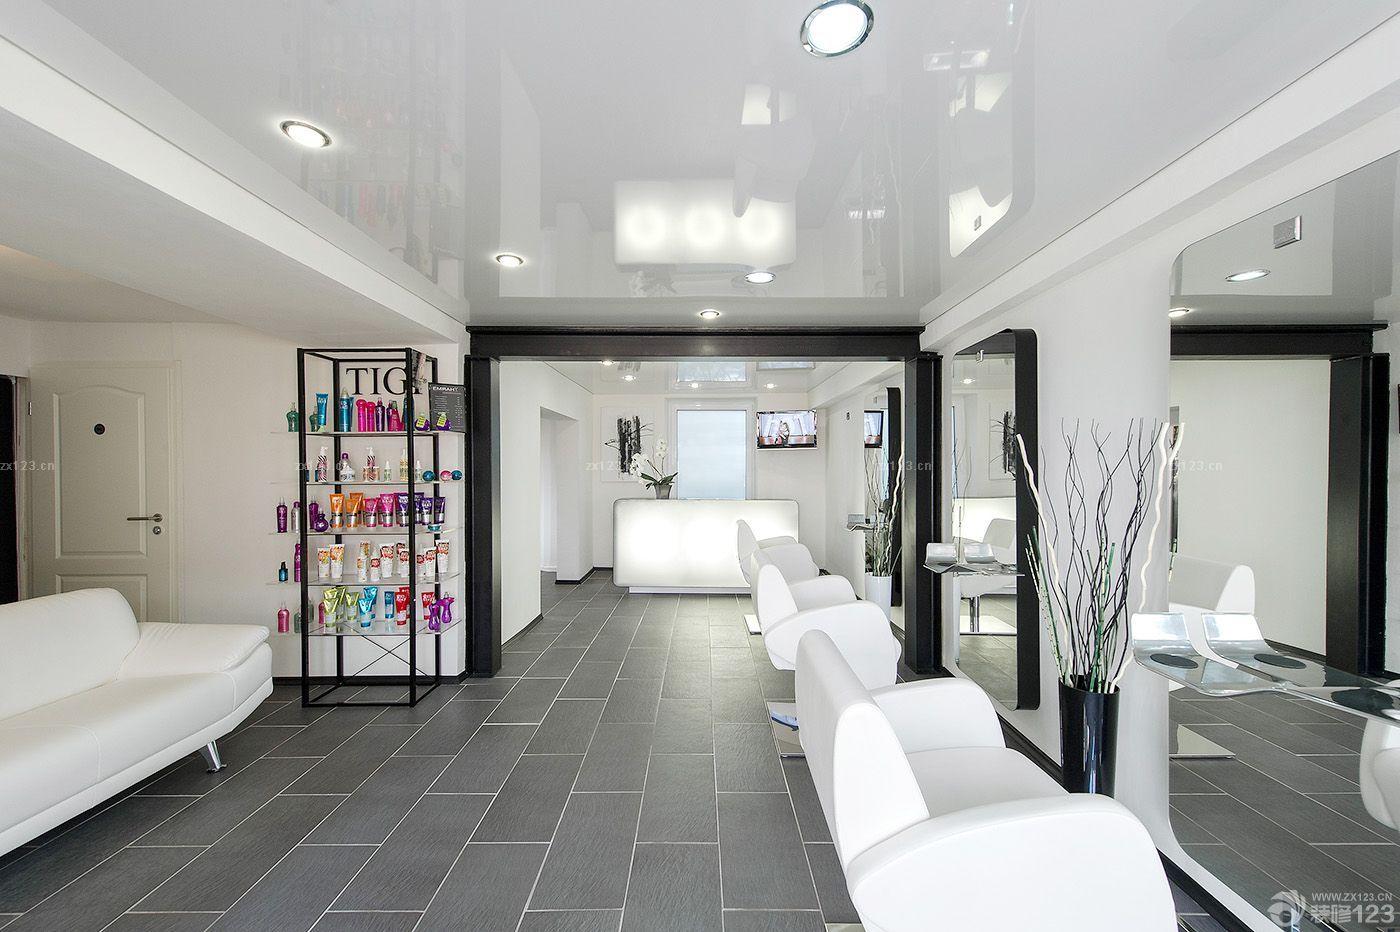 60平米美发店装修风格分享展示